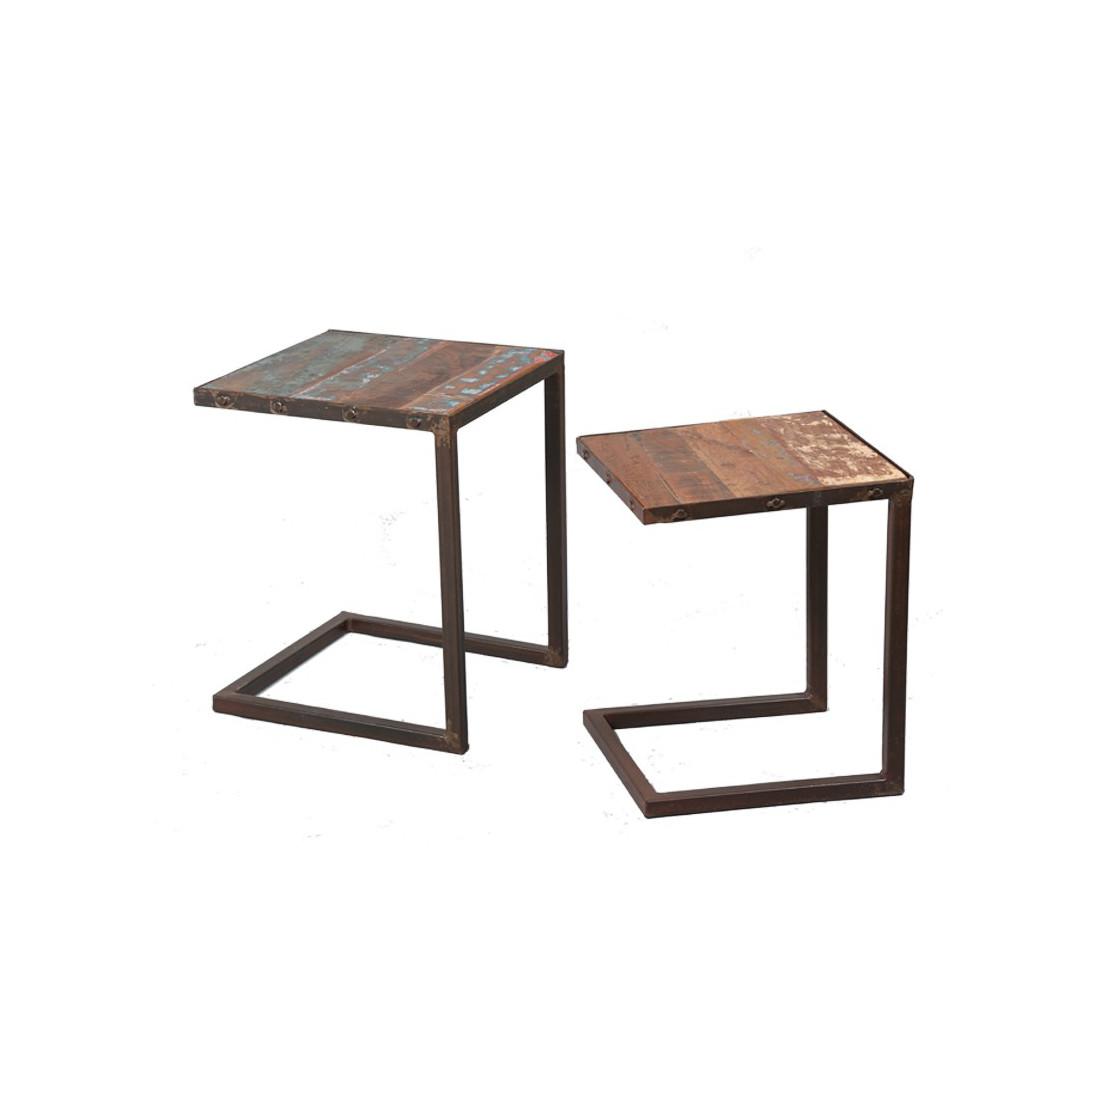 tables gigognes bric univers salon et petits meubles tousmesmeubles. Black Bedroom Furniture Sets. Home Design Ideas